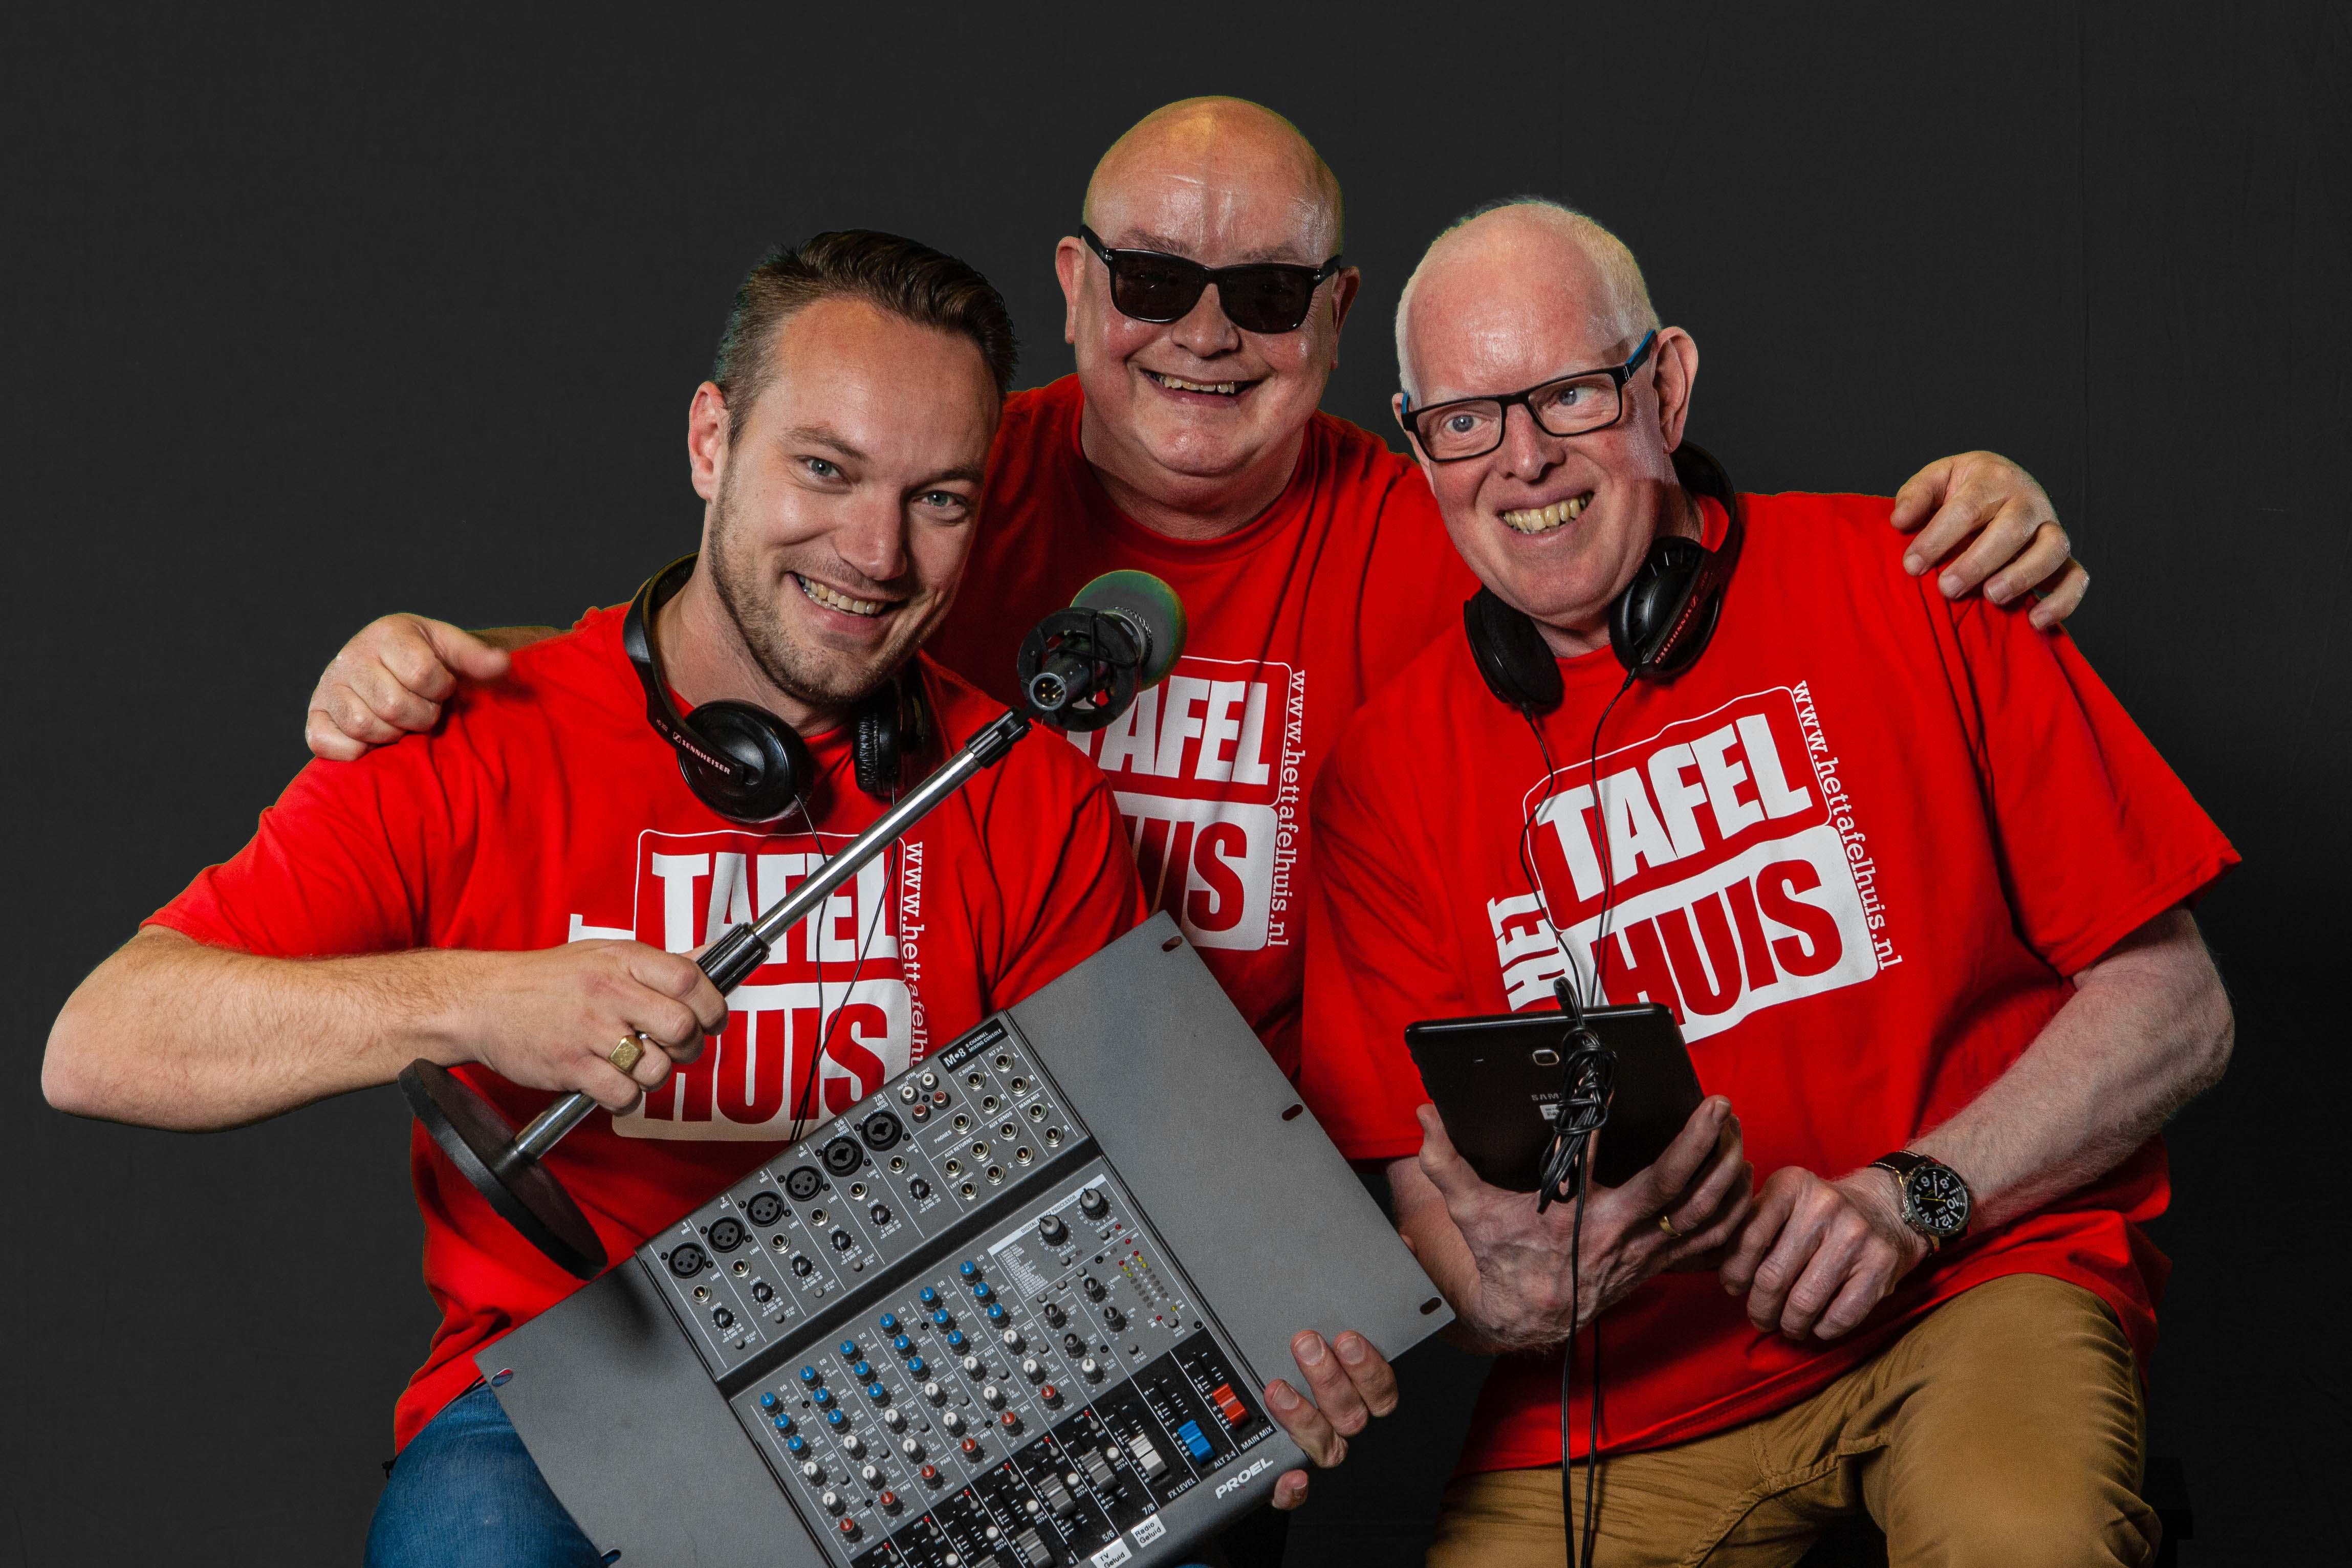 Persbericht Oost-Groningen - de drie DJ's van Tafelhuis Oost-Groningen 2016.